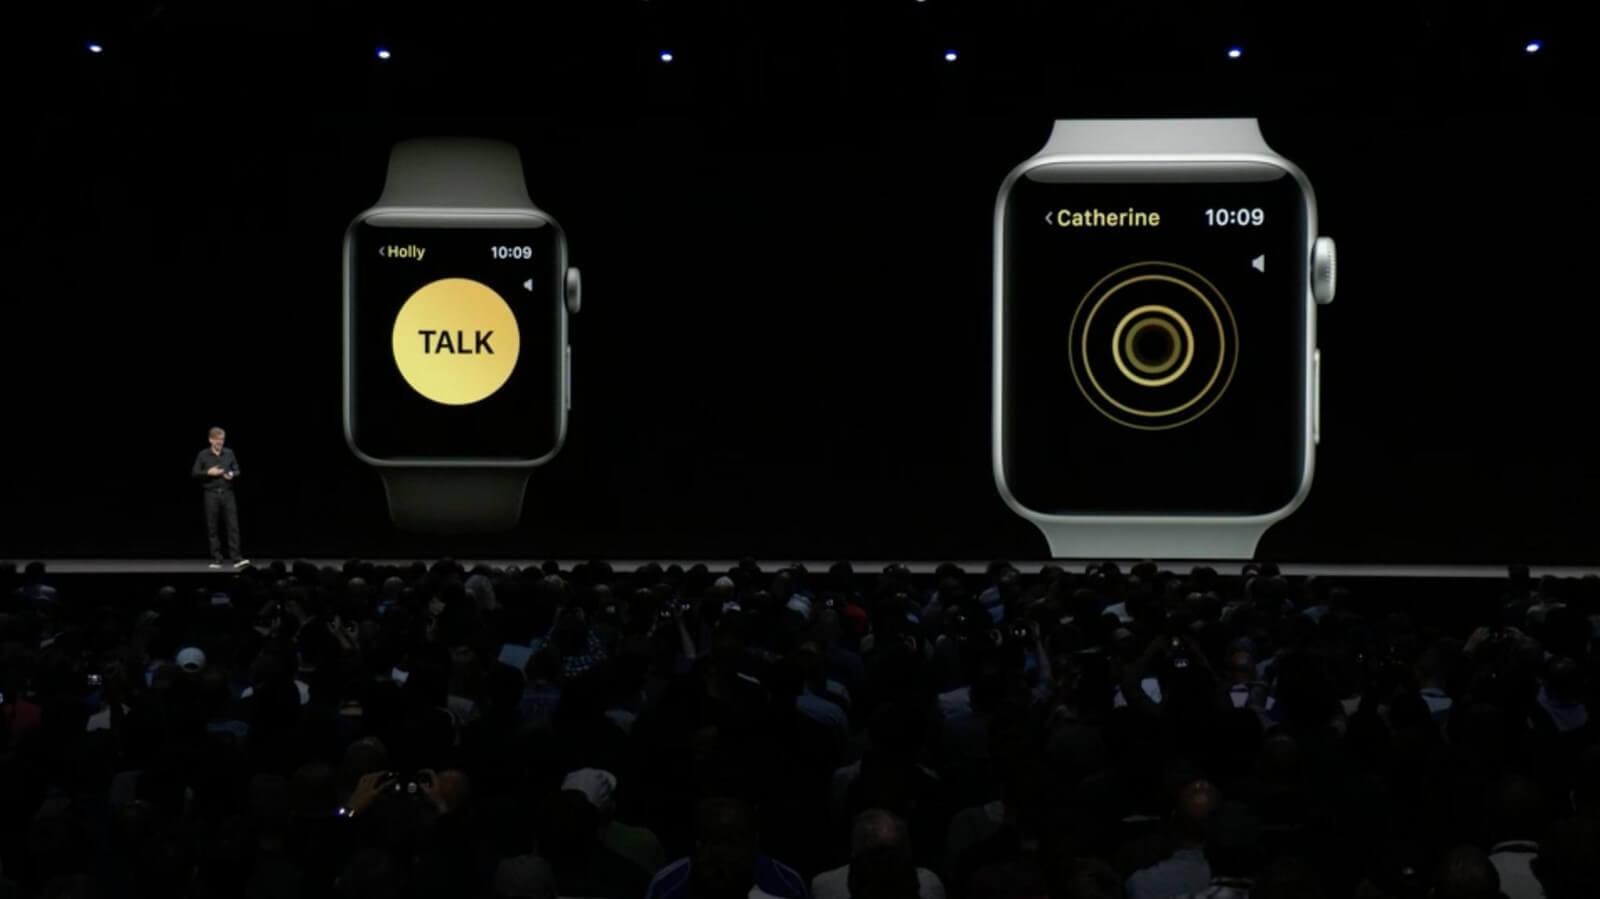 Что представляет собой Walkie-Talkie в watchOS 5